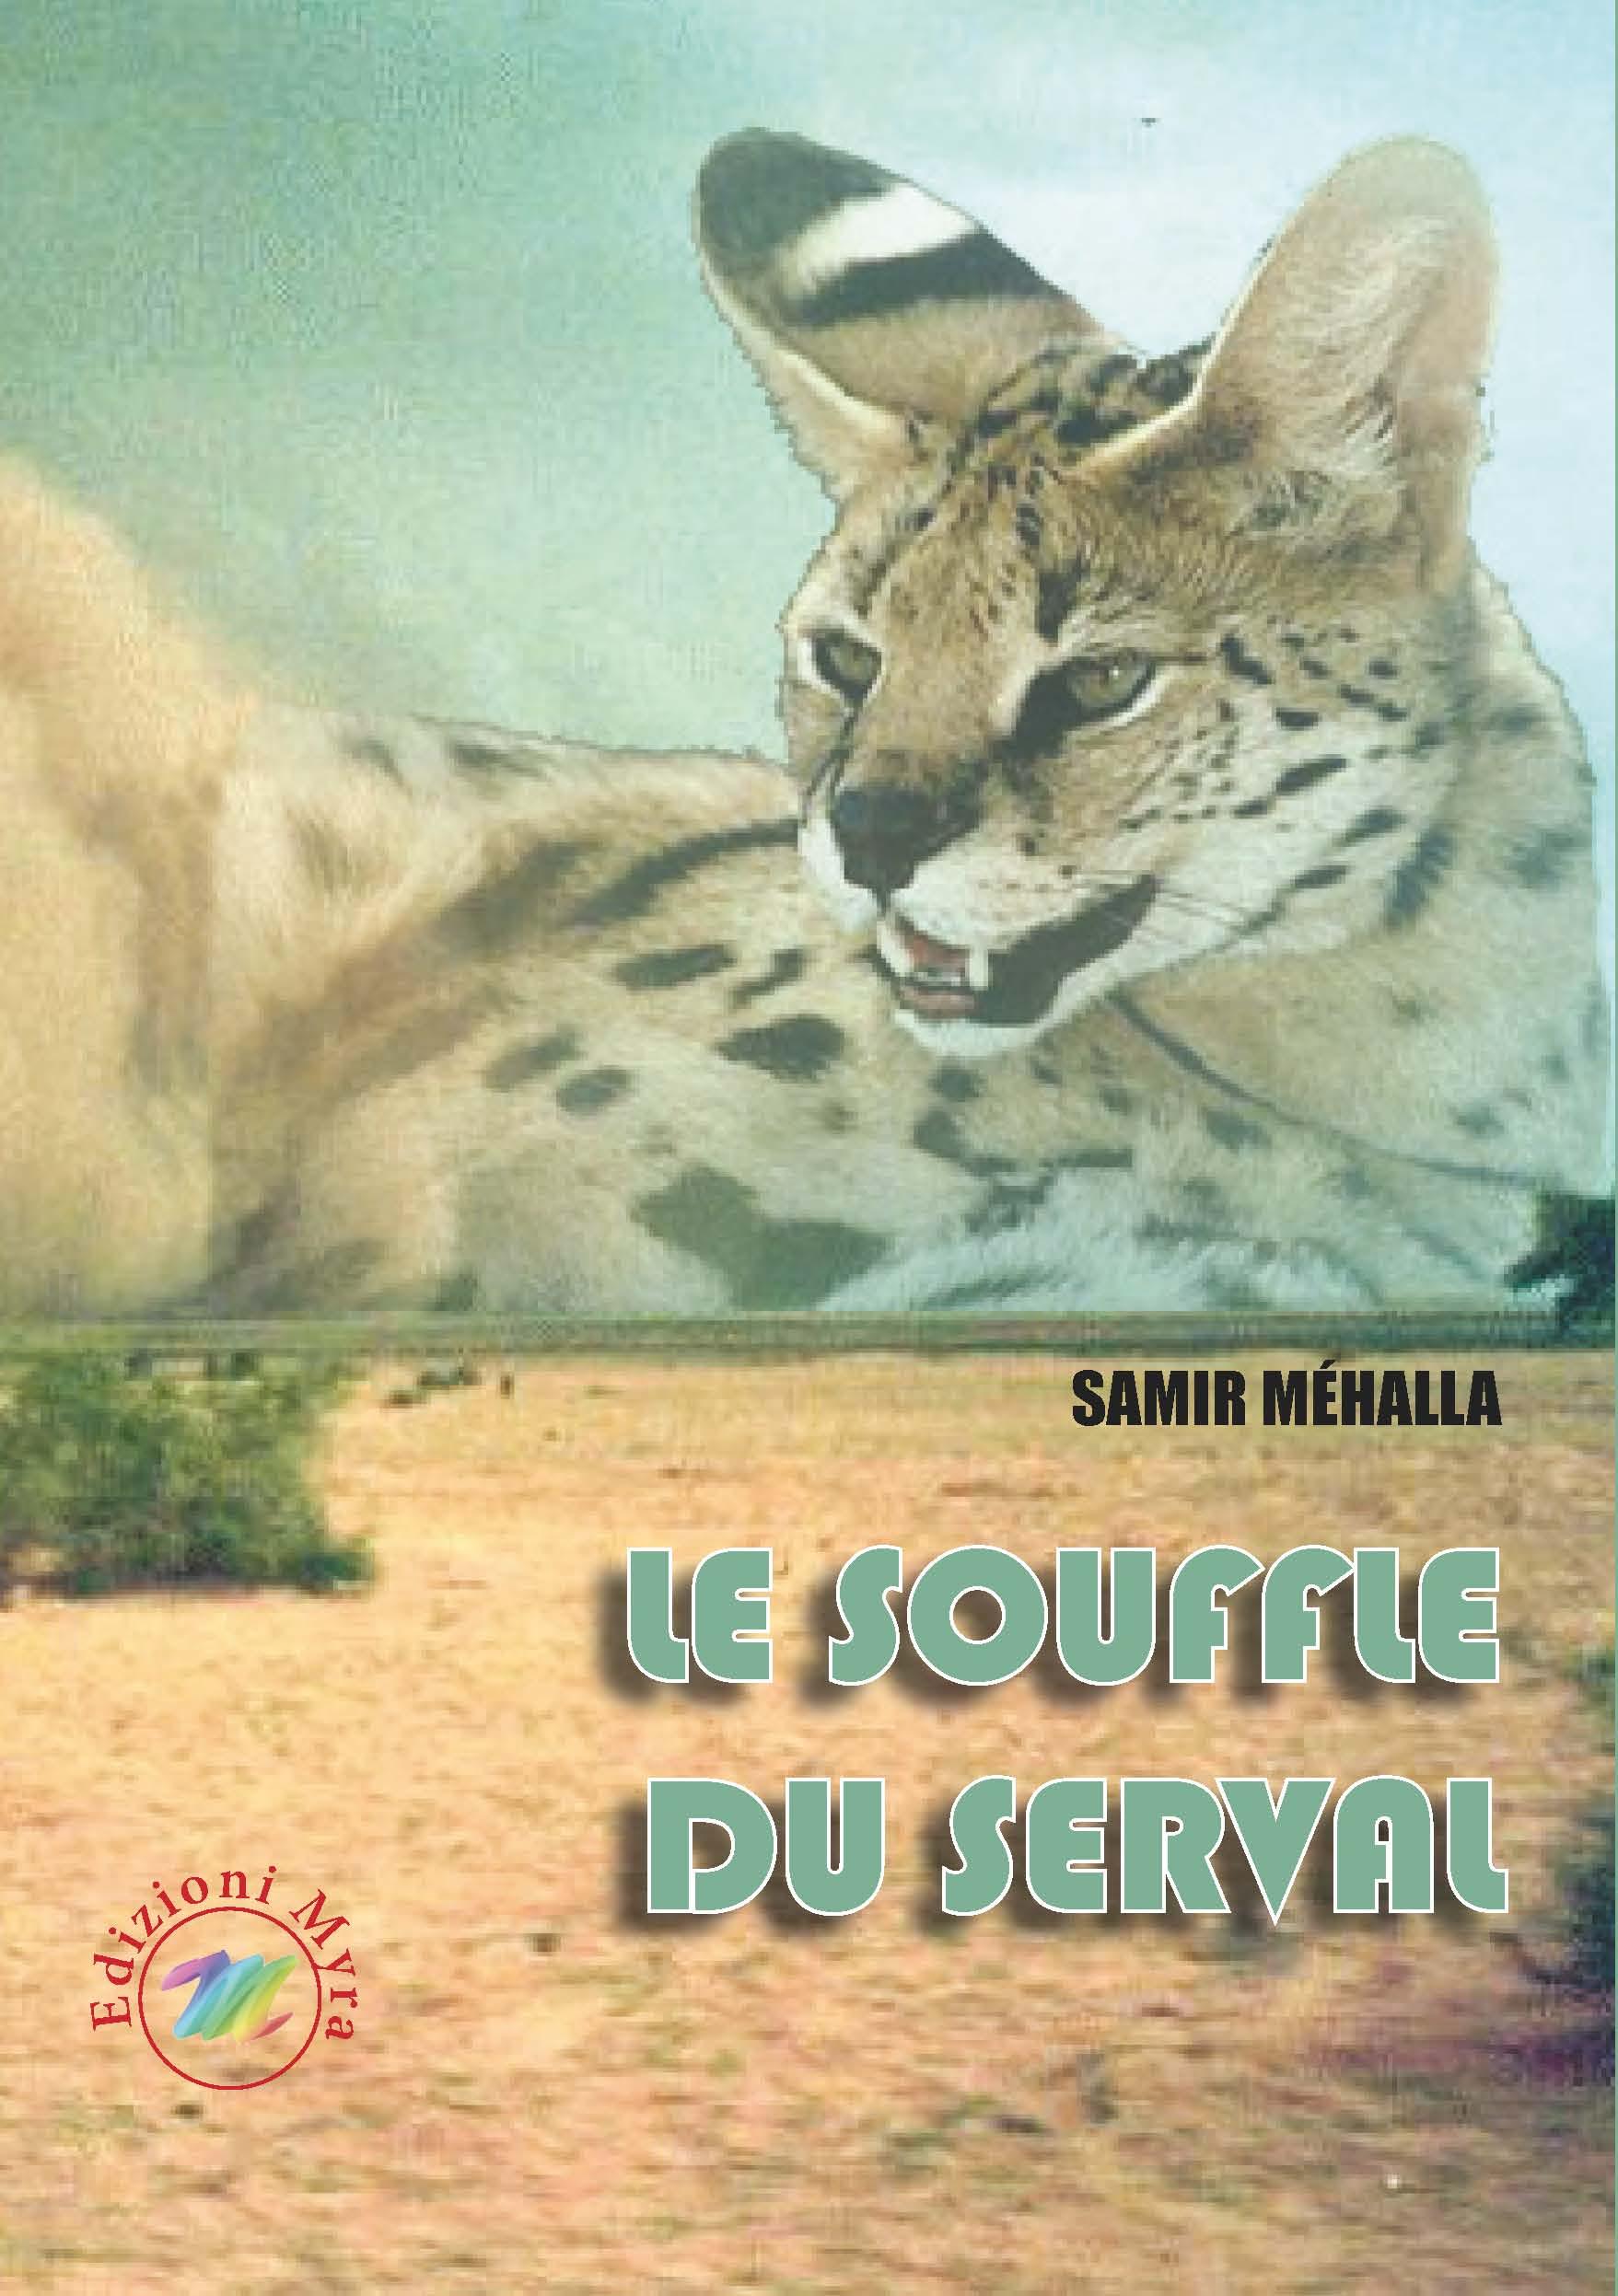 Le souffle du serval